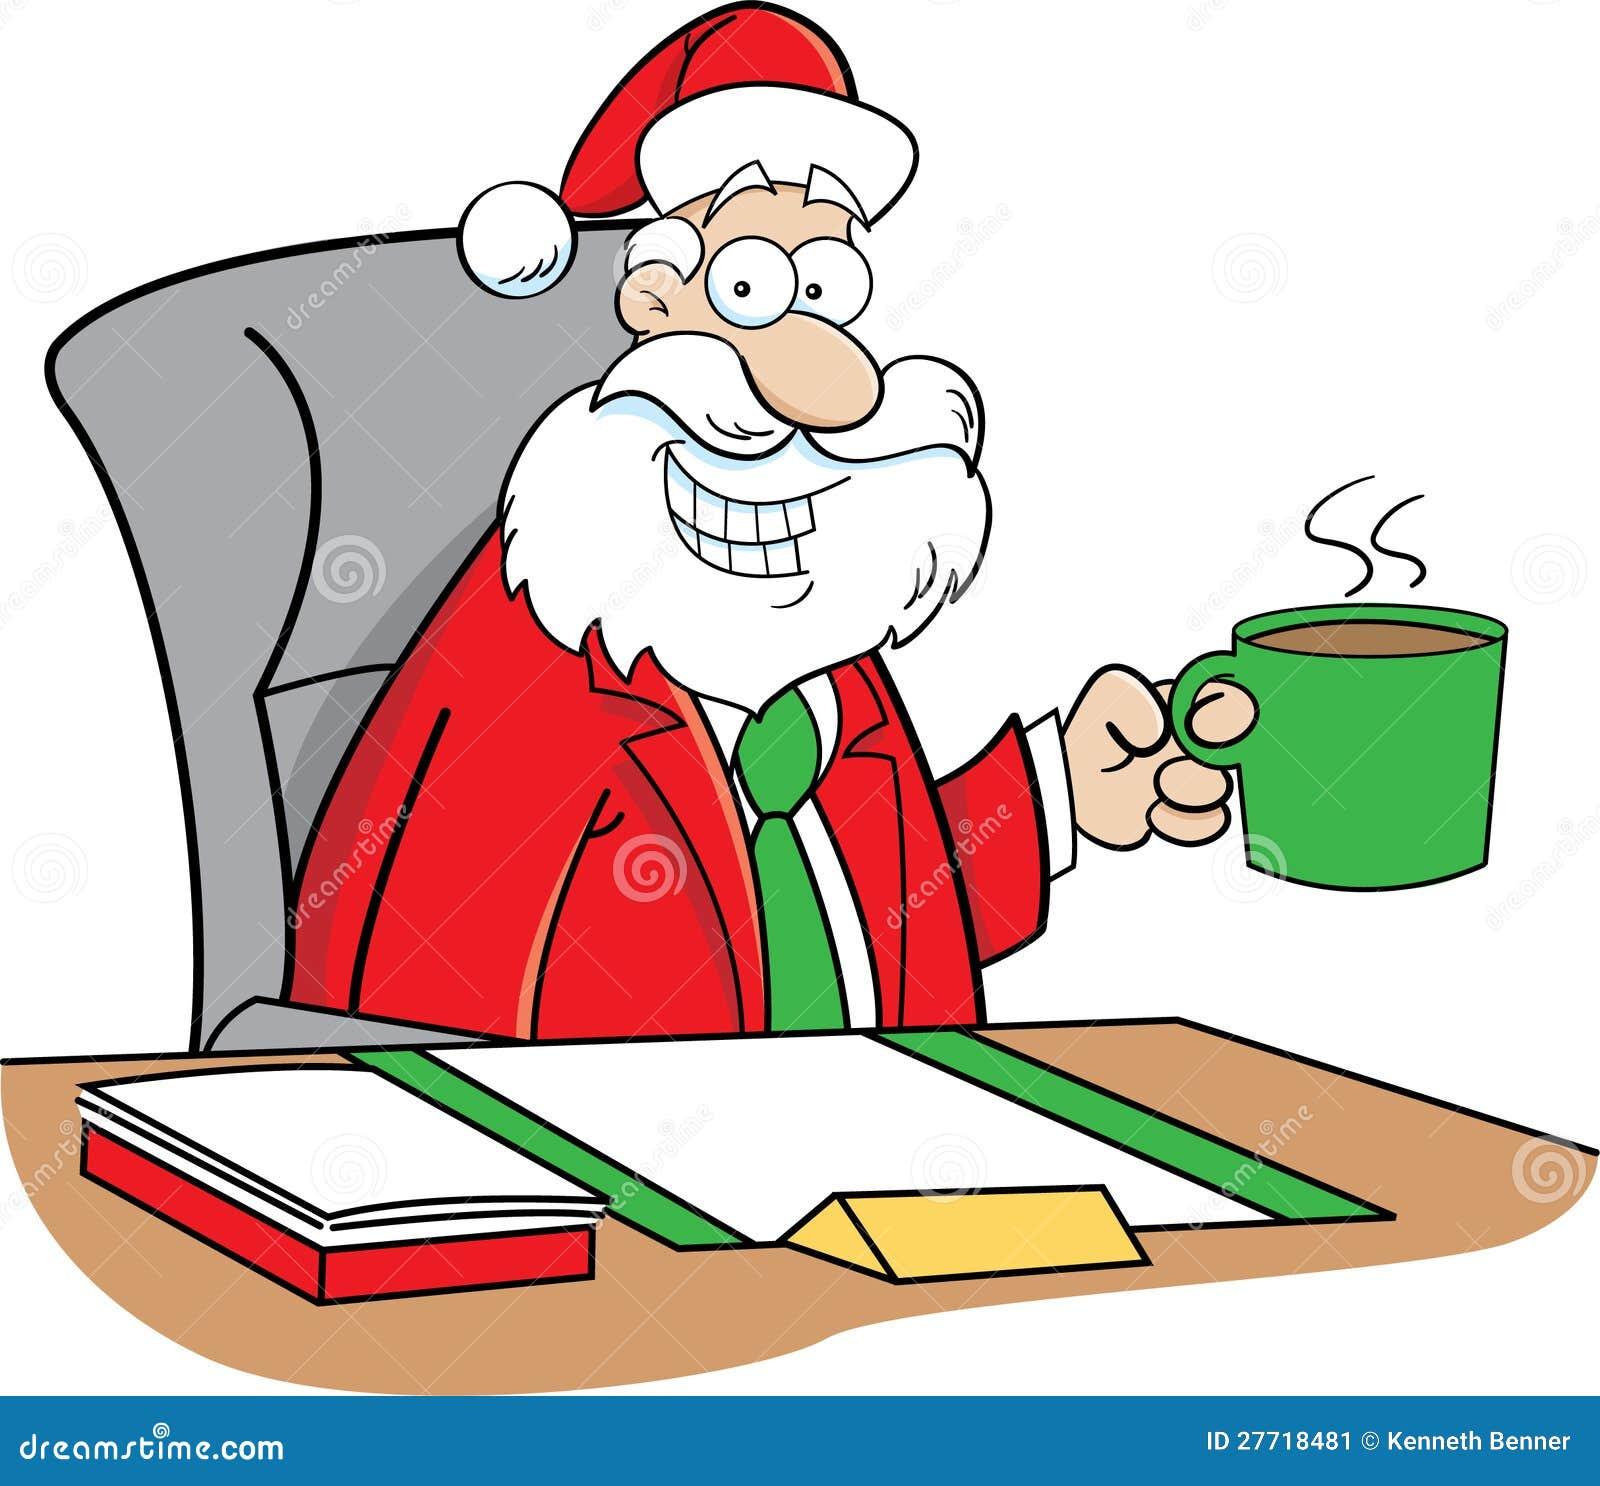 Cartoon Santa Claus Drinking Coffee Stock Image - Image ...